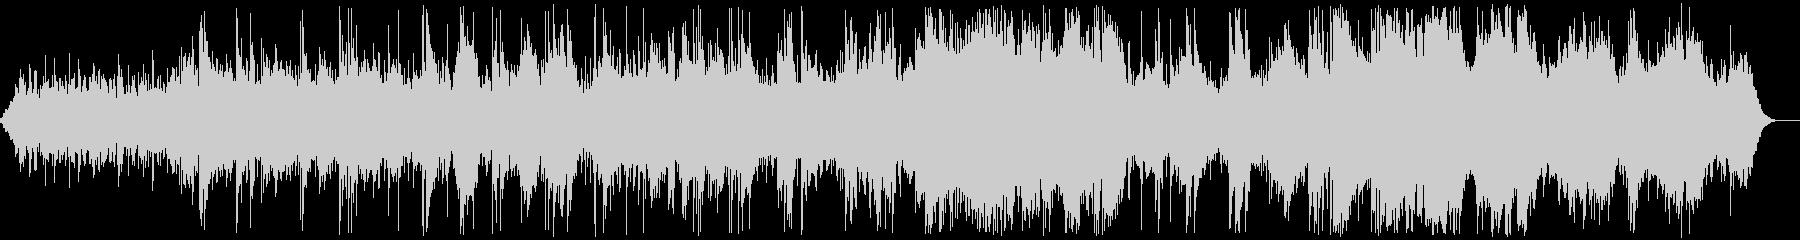 シンセパッドとガットギターのアンビエントの未再生の波形